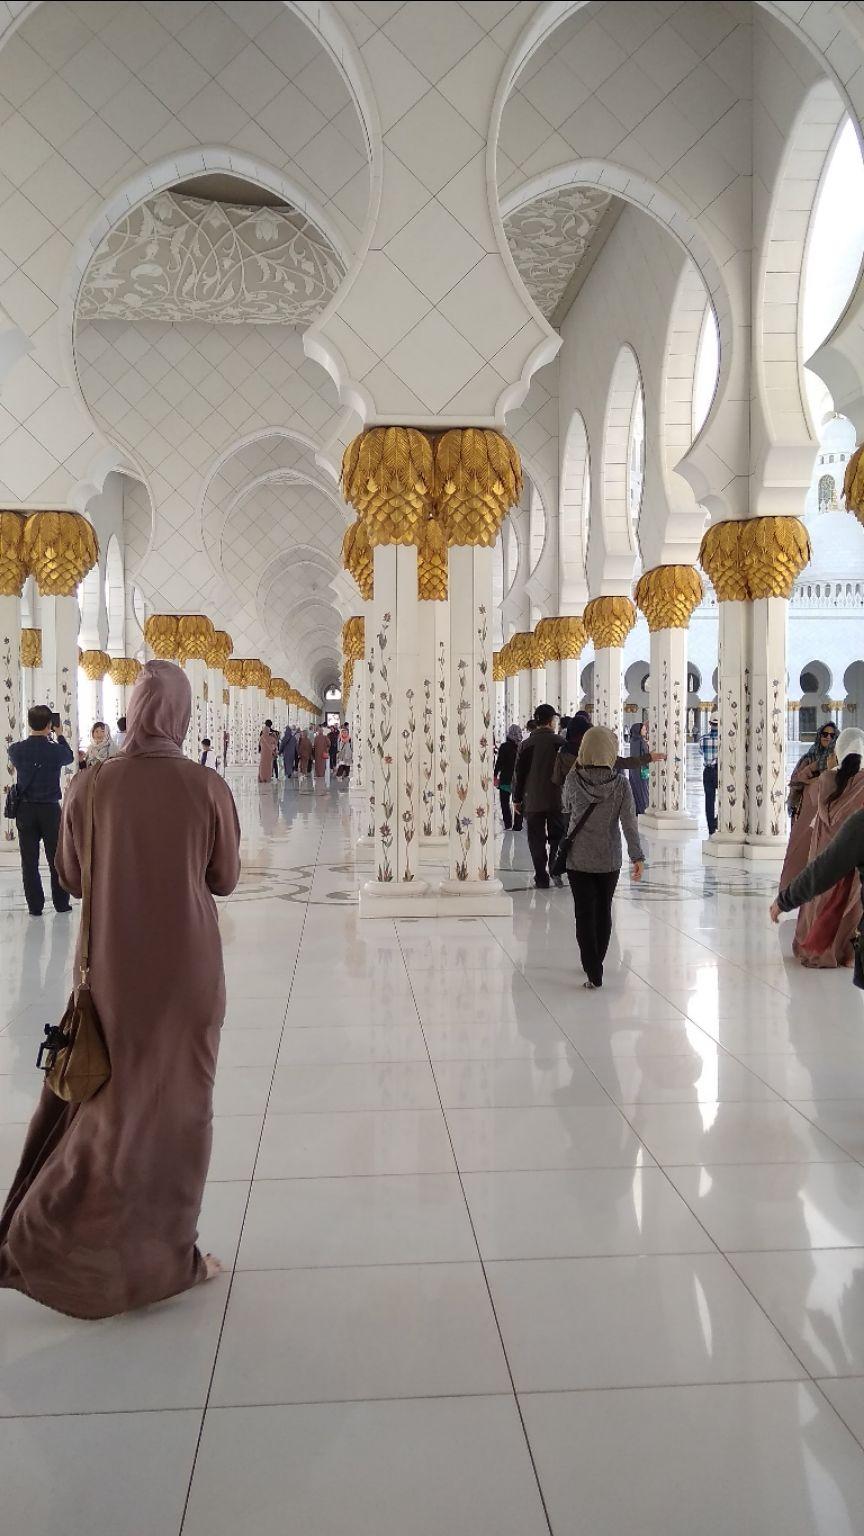 Photo of Abu Dhabi - United Arab Emirates By Papiha Ghosh